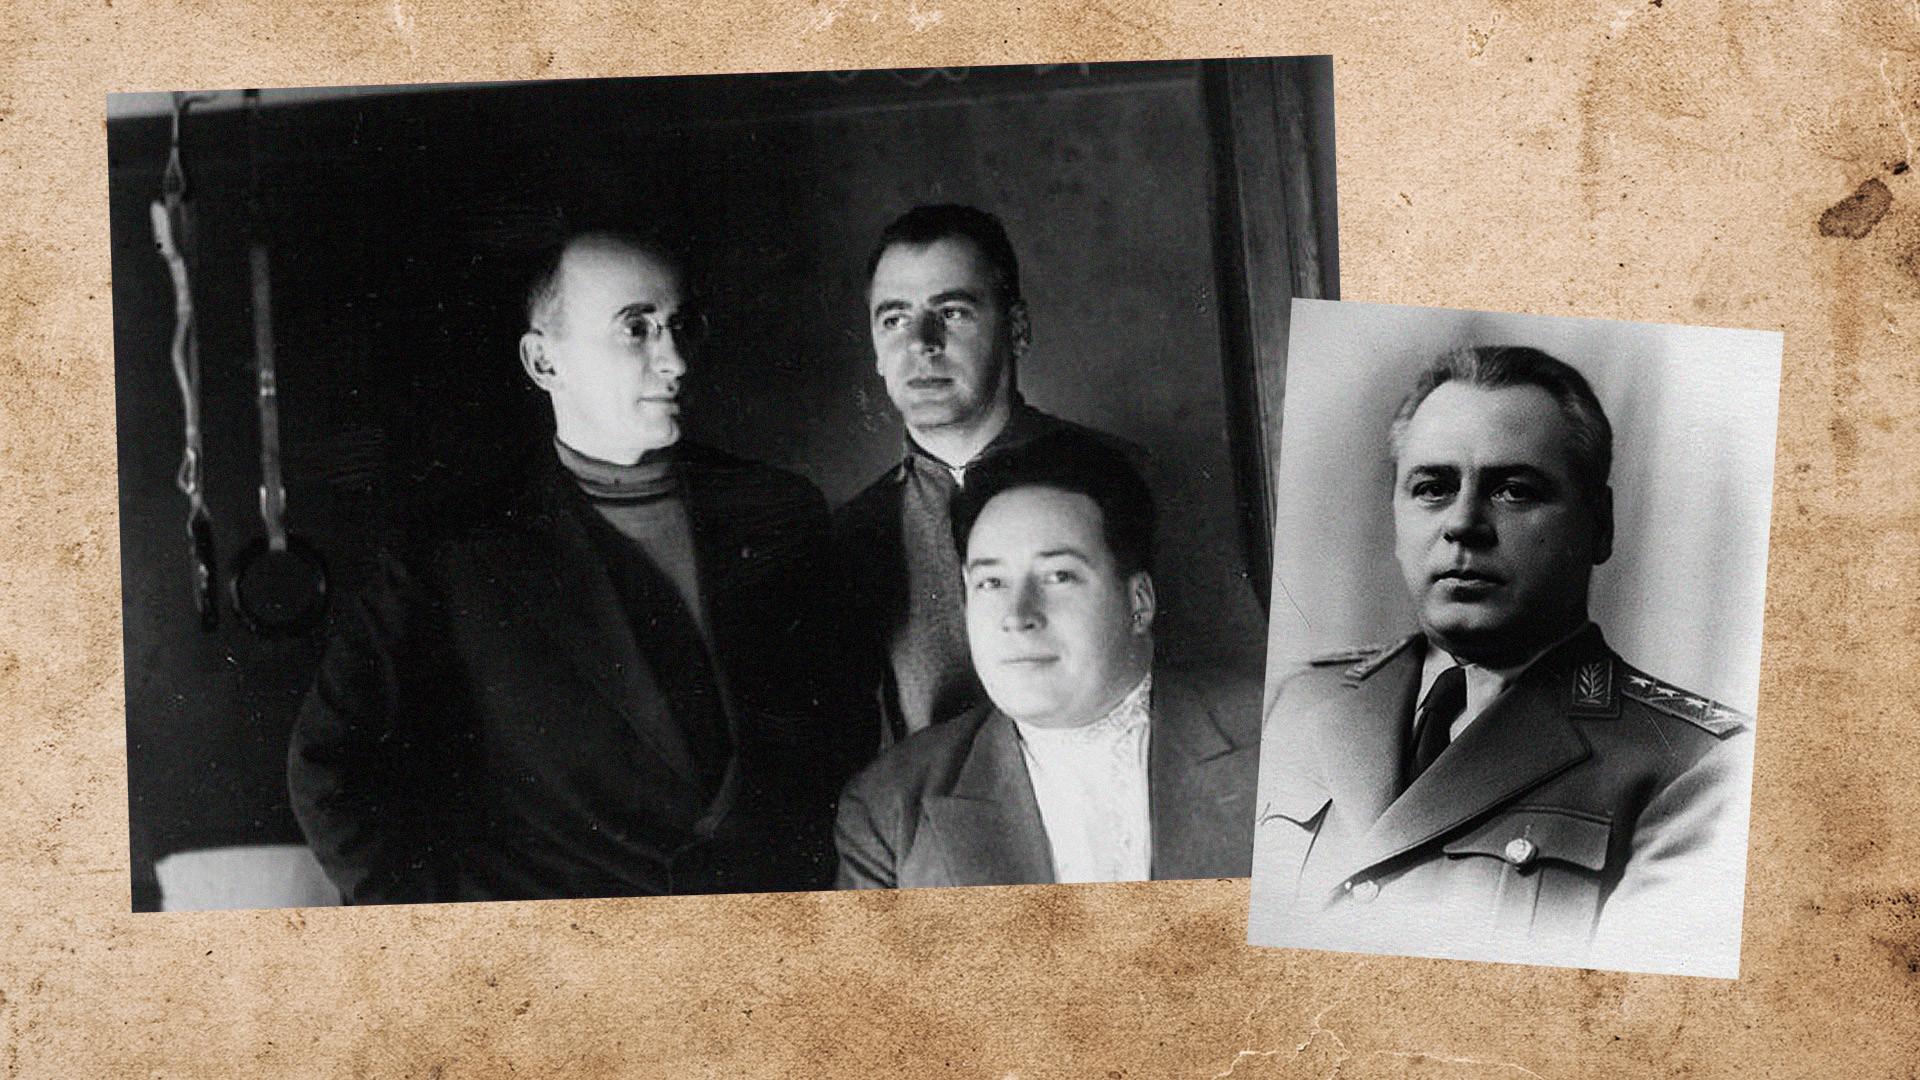 Л. П. Берия (слева), В. Н. Меркулов — на 2-м плане. Всеволод Меркулов. Коллаж © L!FE. Фото © Wikimedia Commons